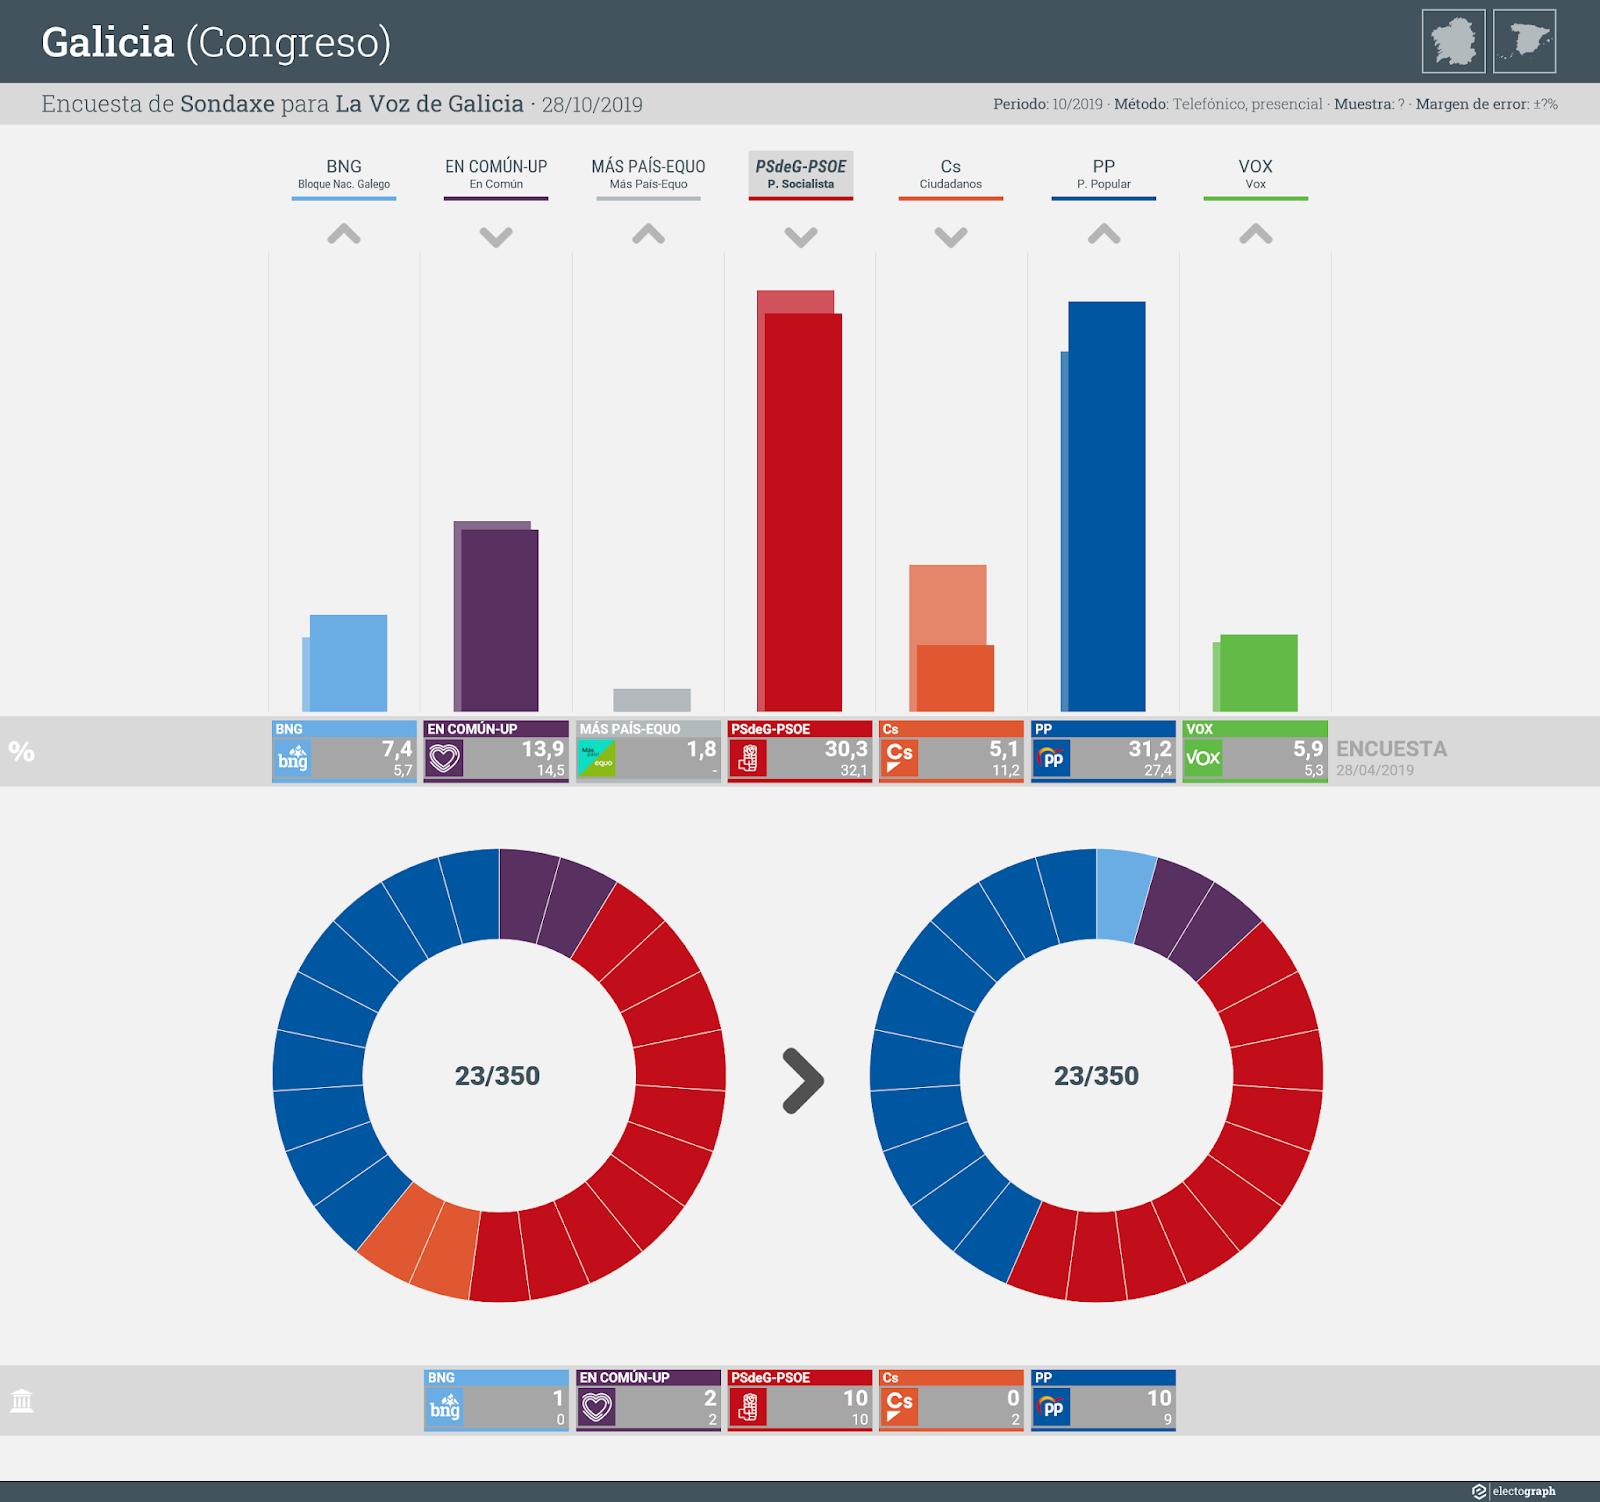 Gráfico de la encuesta para elecciones generales en Galicia realizada por Sondaxe para La Voz de Galicia, 28 de octubre de 2019